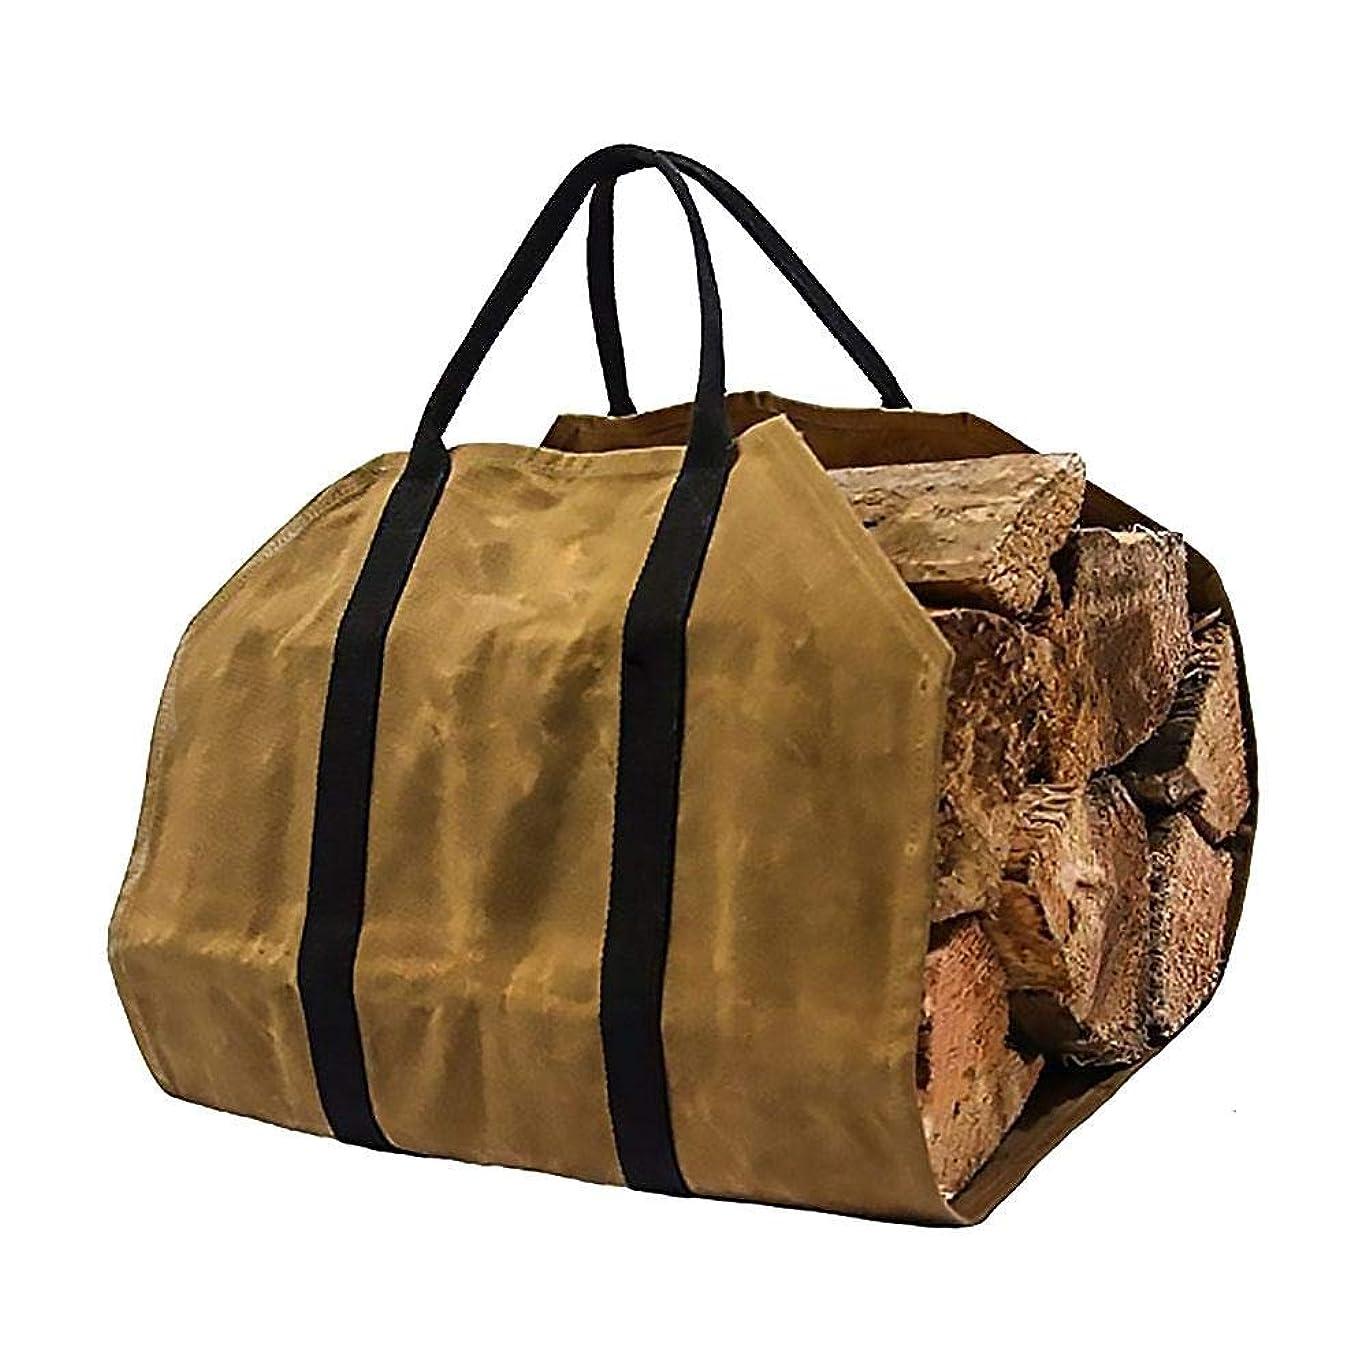 戦う崖不変薪ストーブ キャリーバッグ ハンドバッグ 大容量薪バッグ 防水キャンバス伐採袋 持ち運びが易い 折りたたみできる 携帯用薪貯蔵袋 ストレージクリーニング用品 約90 48cm